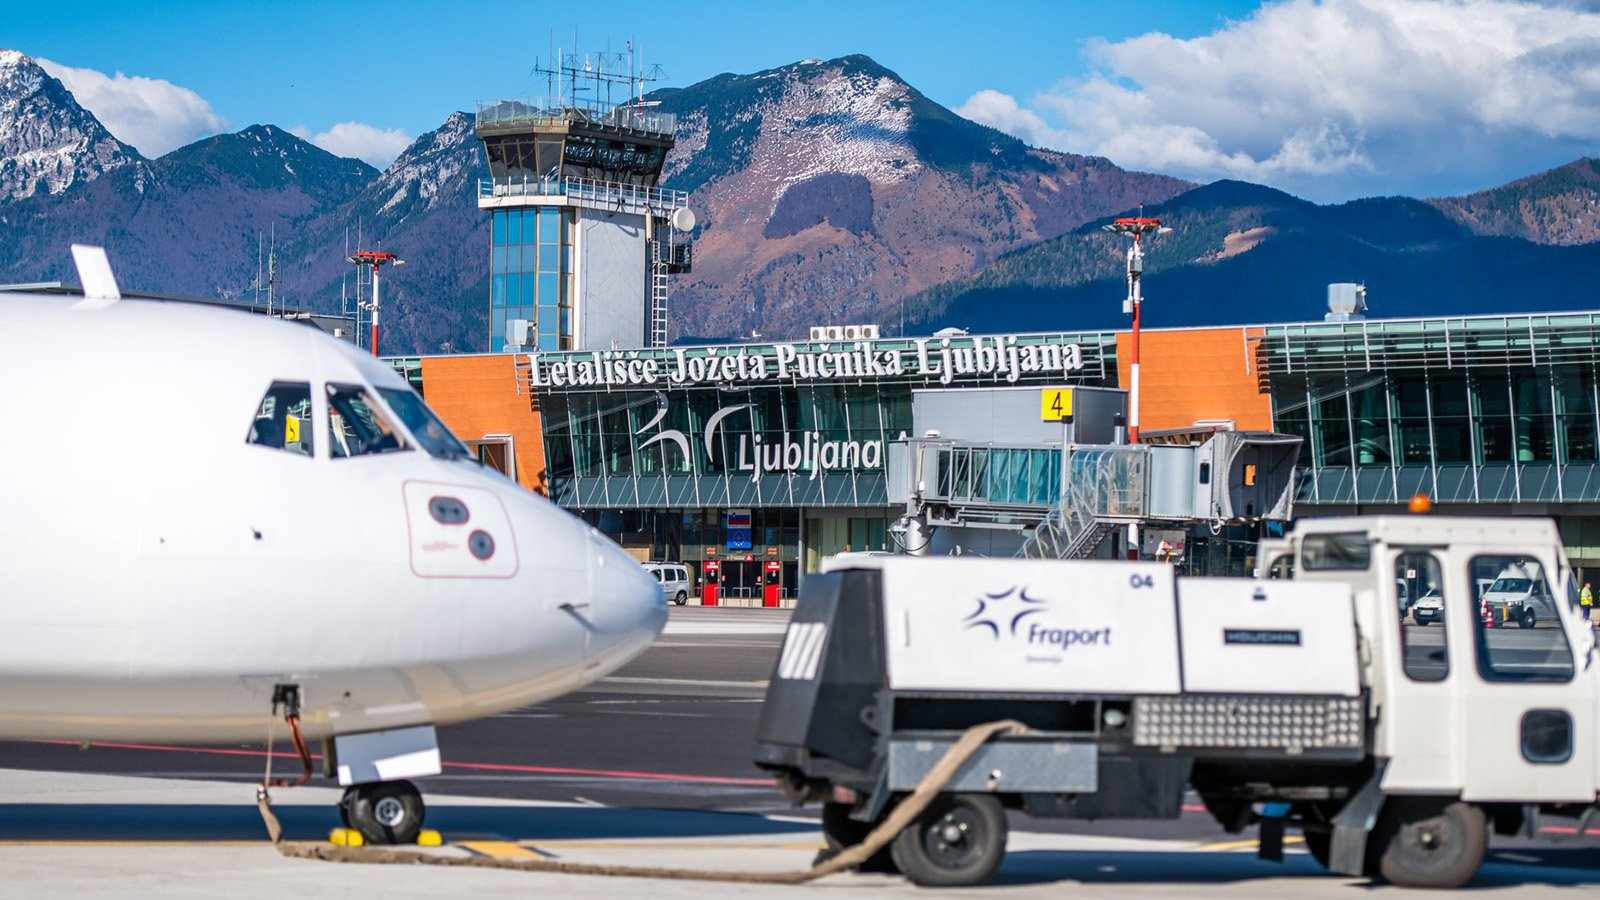 Flying from Ljubljana to Bled - Ljubljana Airport